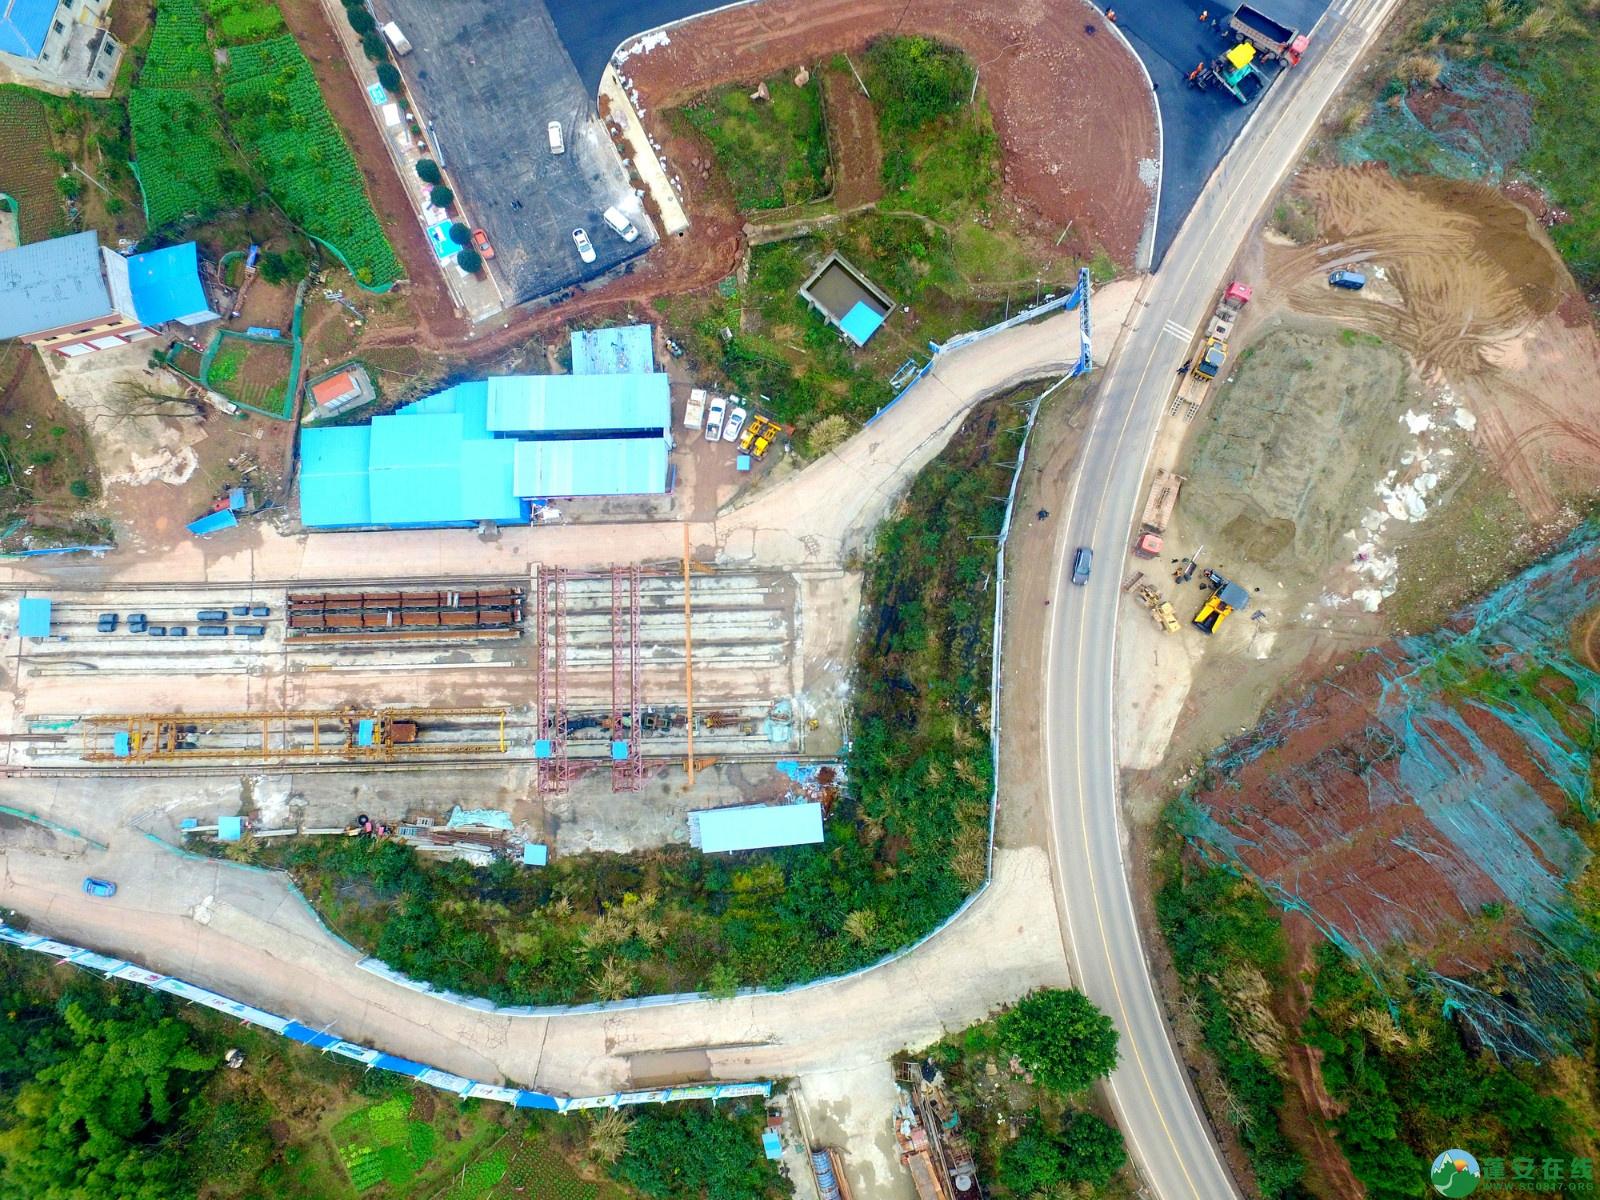 蓬安县凤凰大桥西延线、燕山大道、锦屏干一道、抚琴大道交通要道最新进展!(2019.12.24) - 第29张  | 蓬安在线